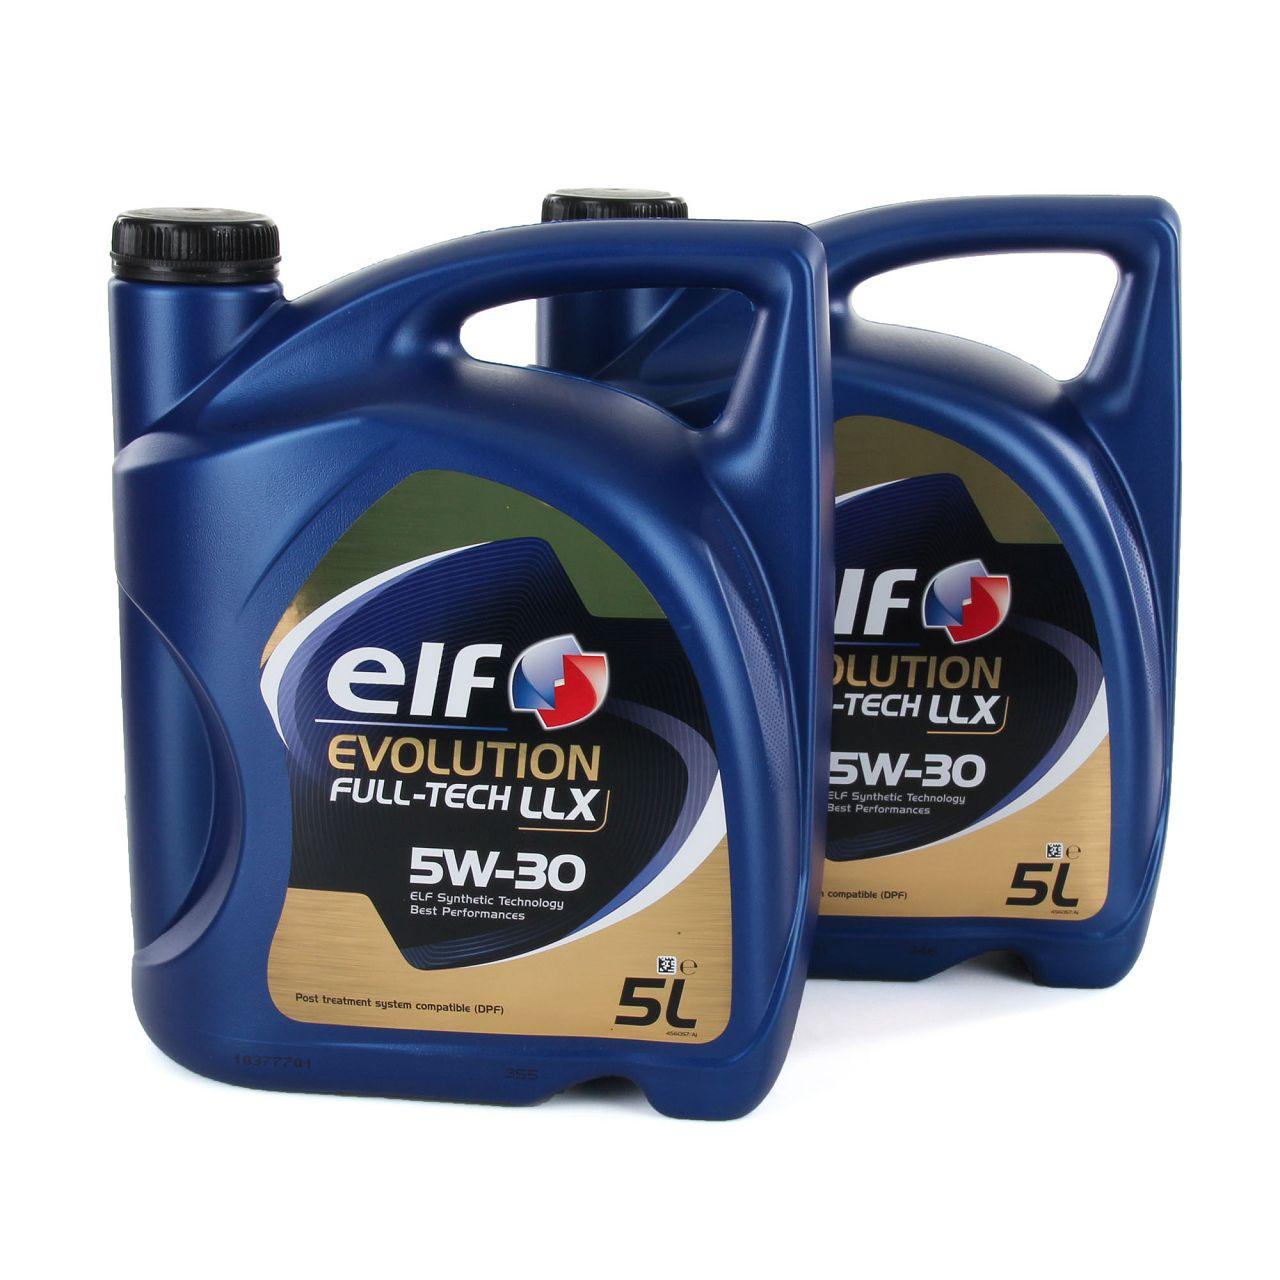 2x 5L 5 Liter elf Evolution Full-Tech LLX 5W-30 Motoröl 504.00/507.00 MB 229.51